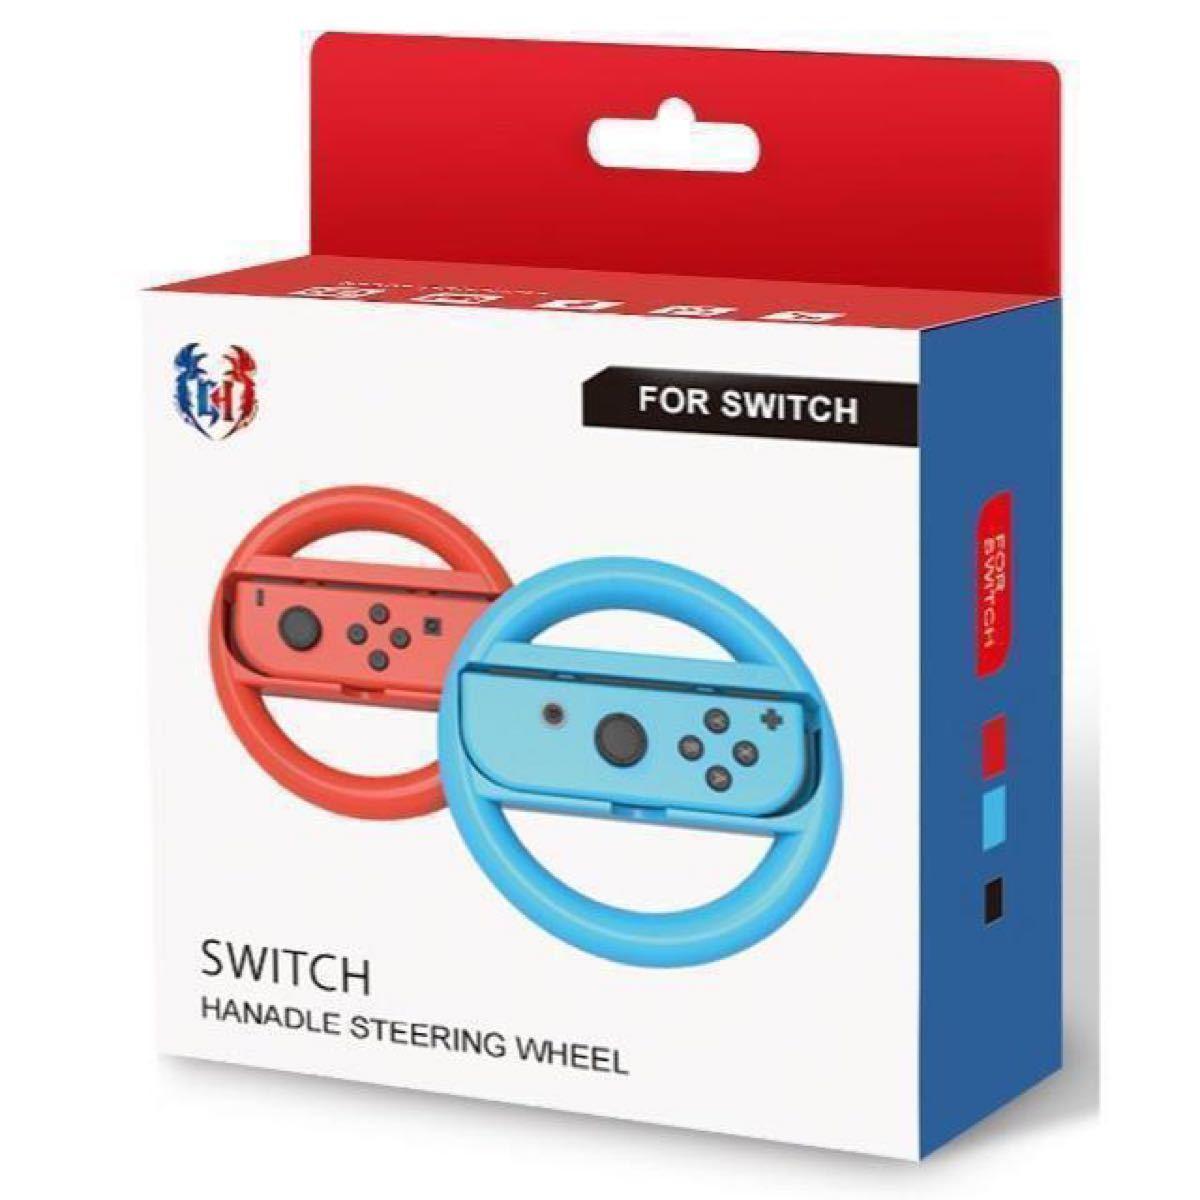 Switch マリオ カート 8 デラックス ハンドル Nintendo スイ